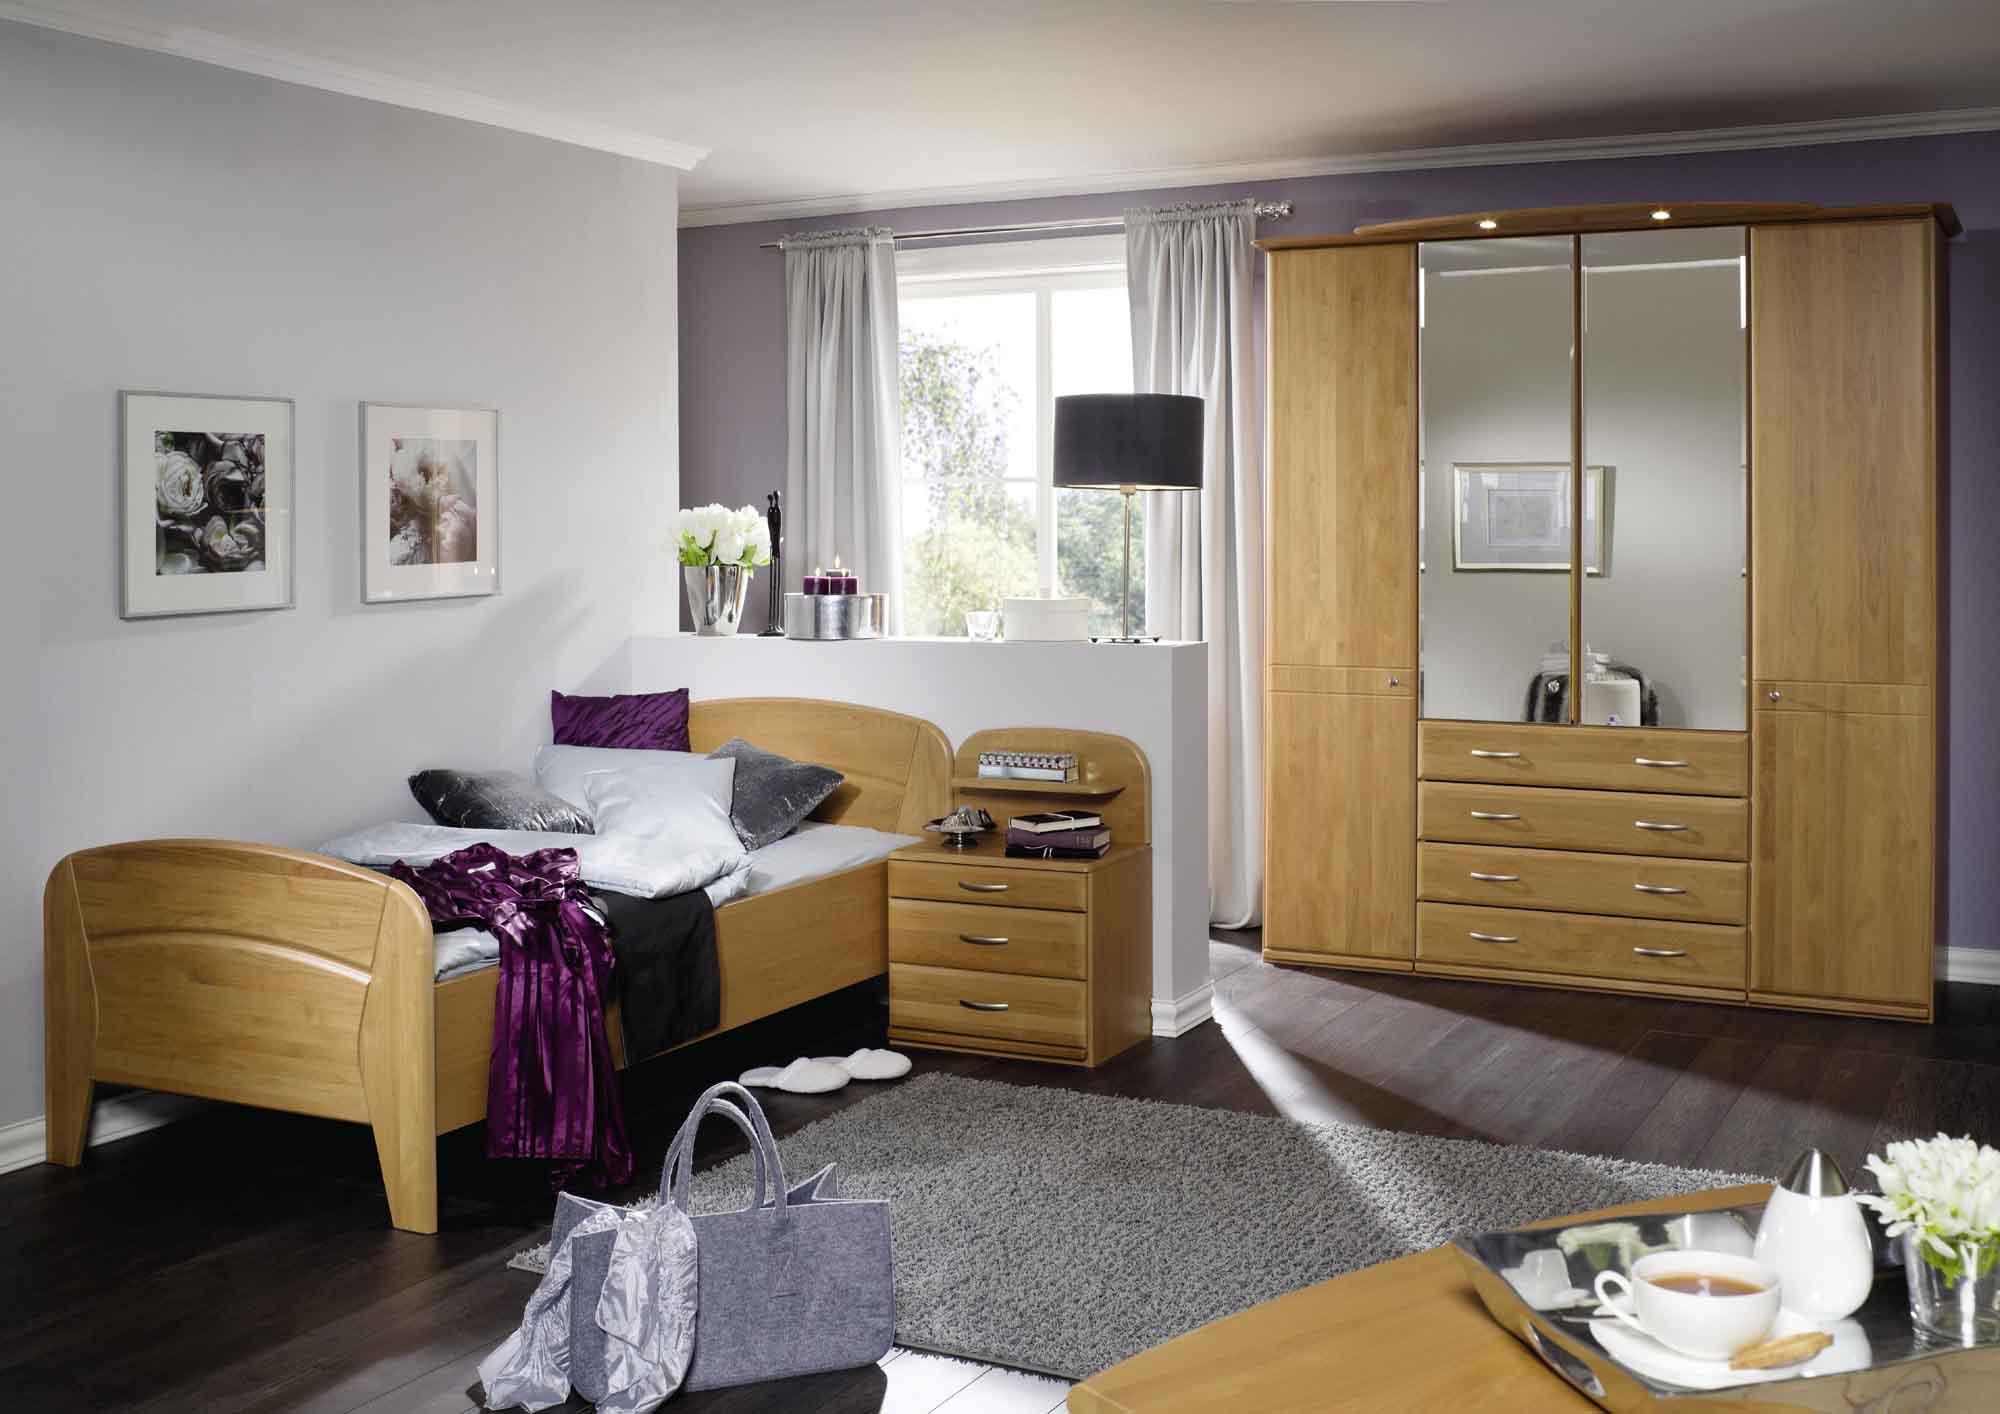 schlafzimmer vanessa plus steffen g nstig massiva m. Black Bedroom Furniture Sets. Home Design Ideas